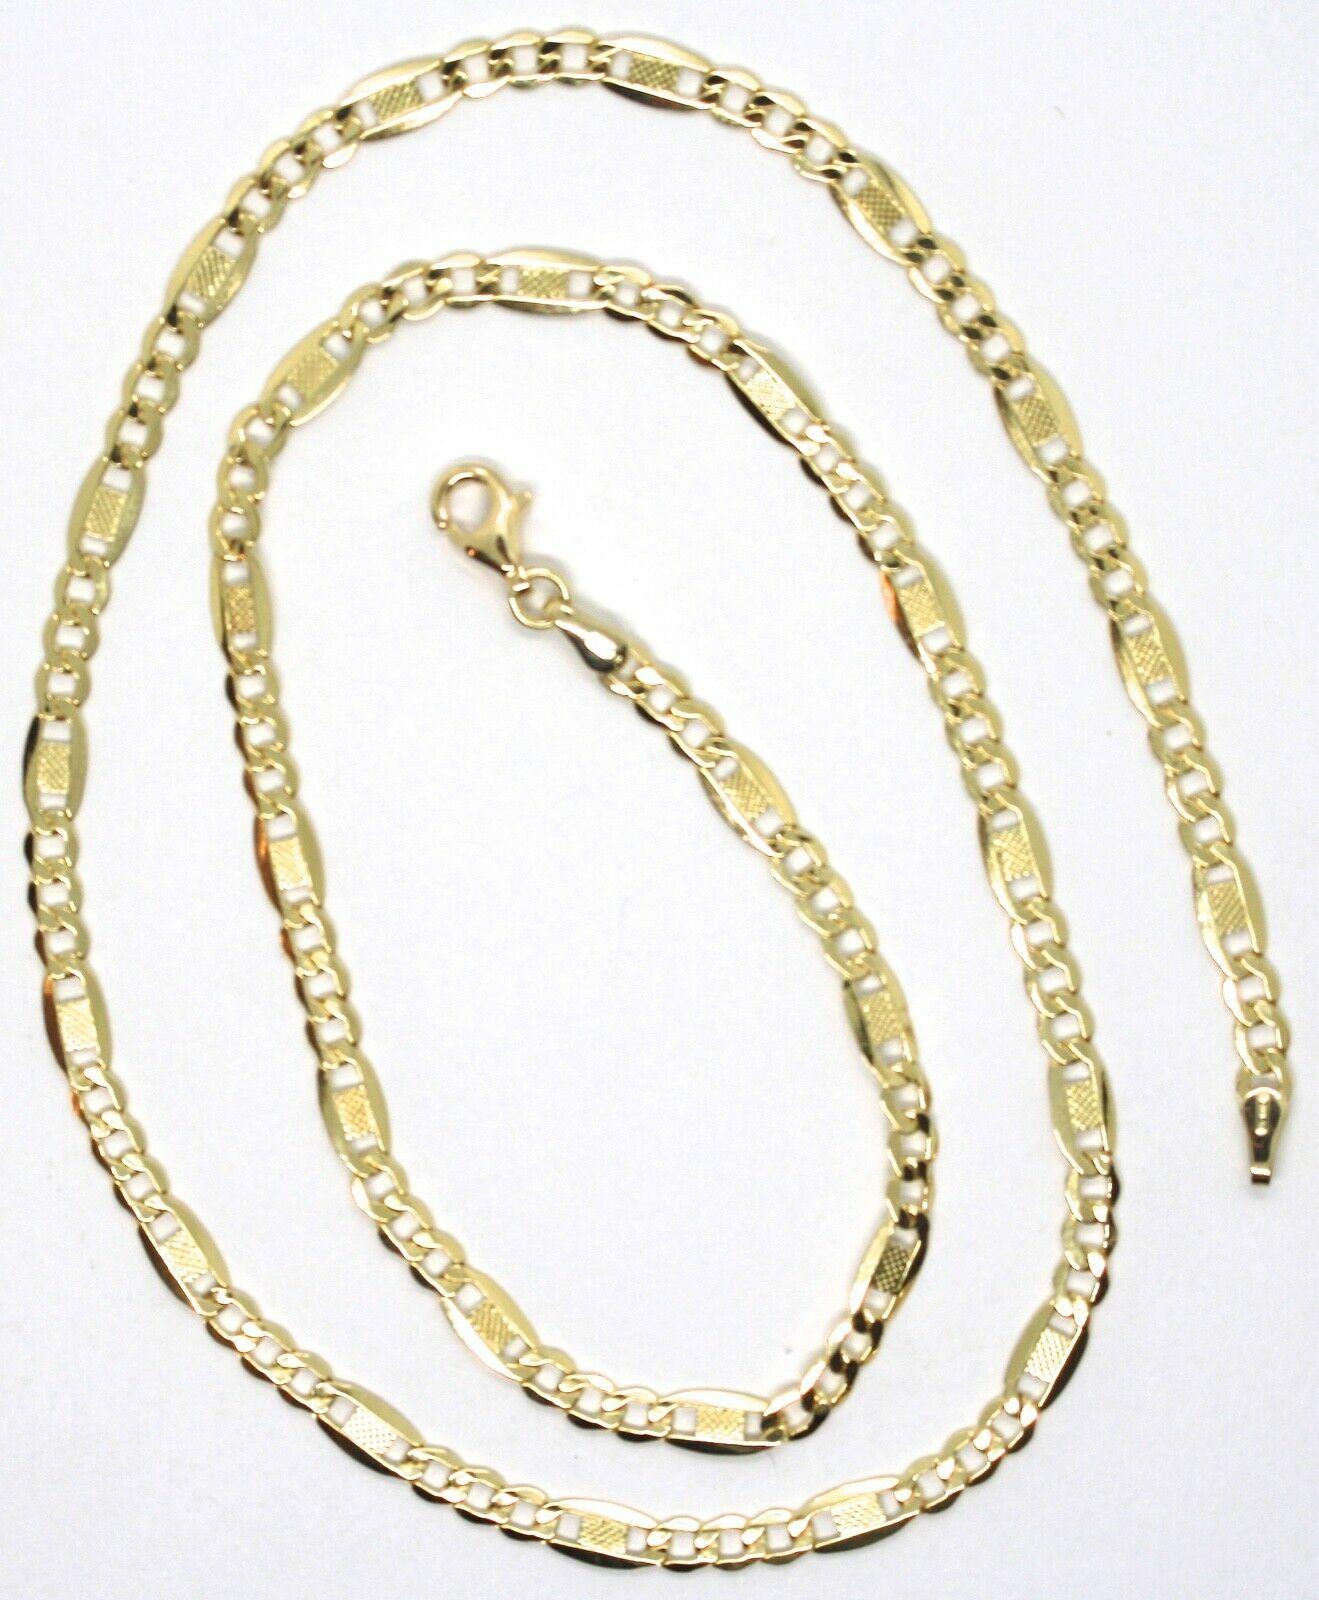 Kette Gelbgold 18K 750, 50 cm, Curb Chain Damen Wohnung und Platten image 4